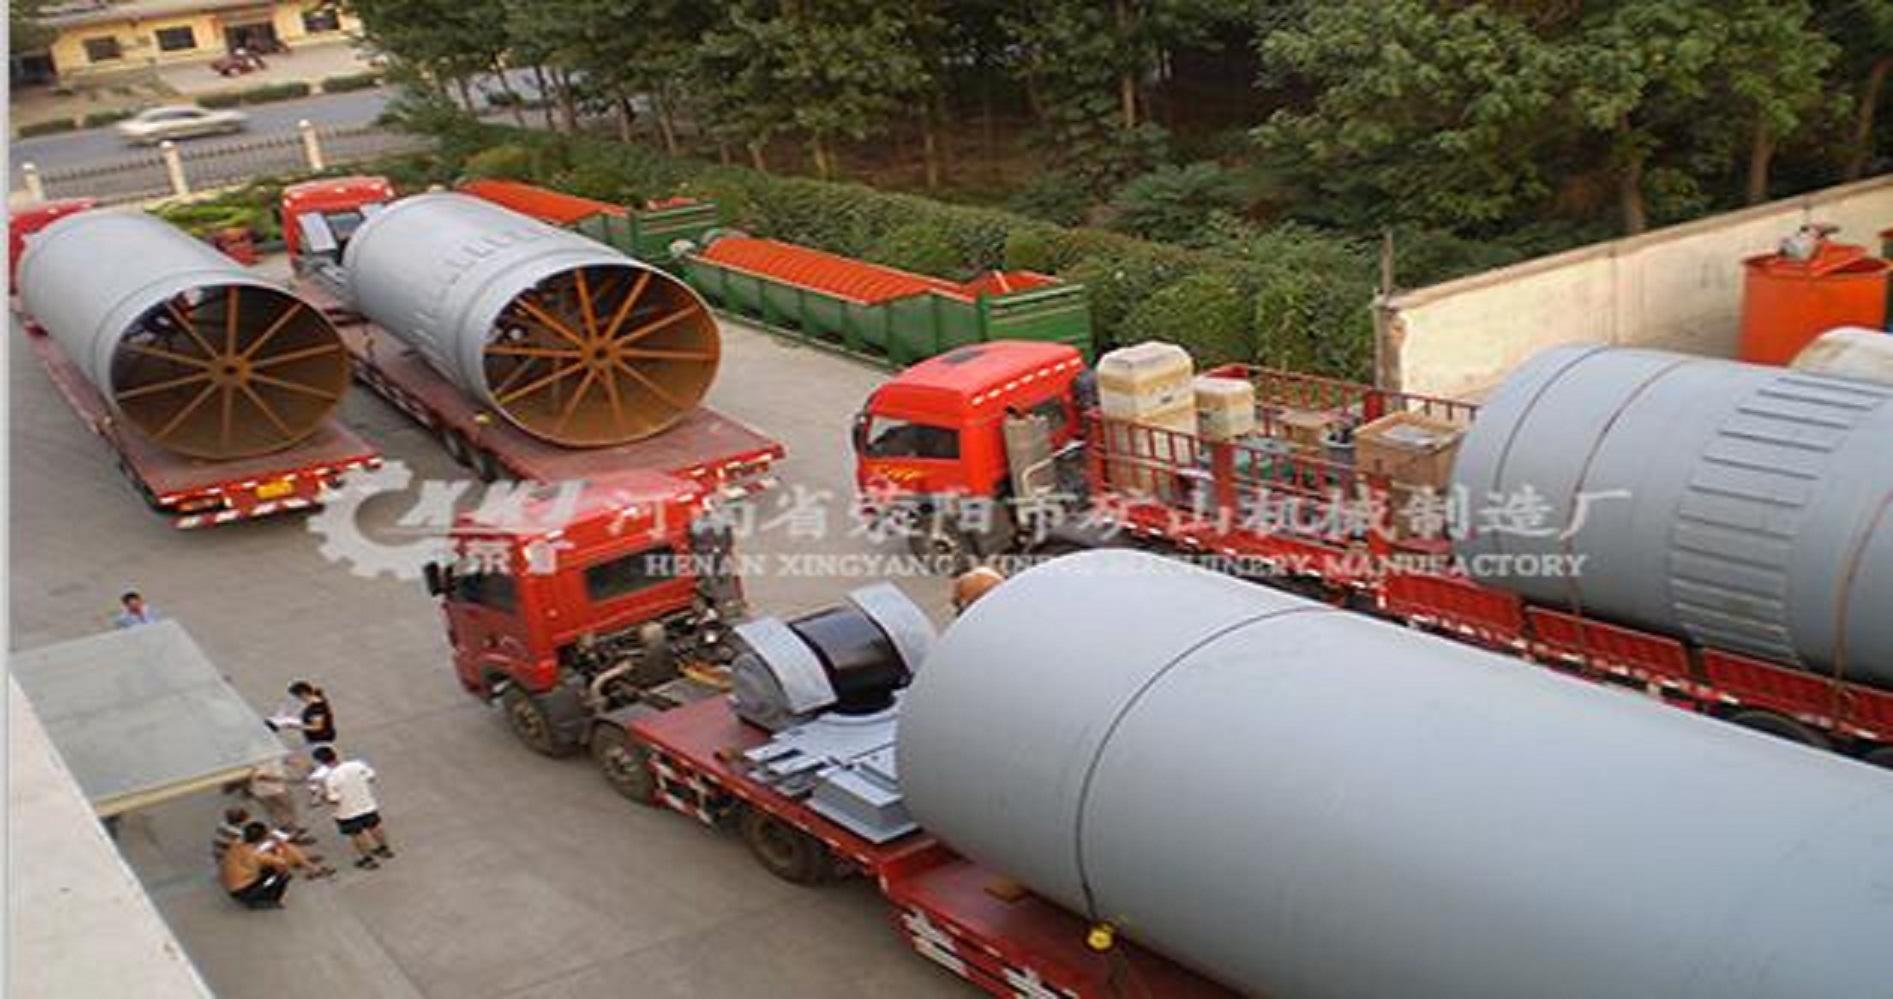 每天處理450噸土壤修復回轉窯設備特征是什么